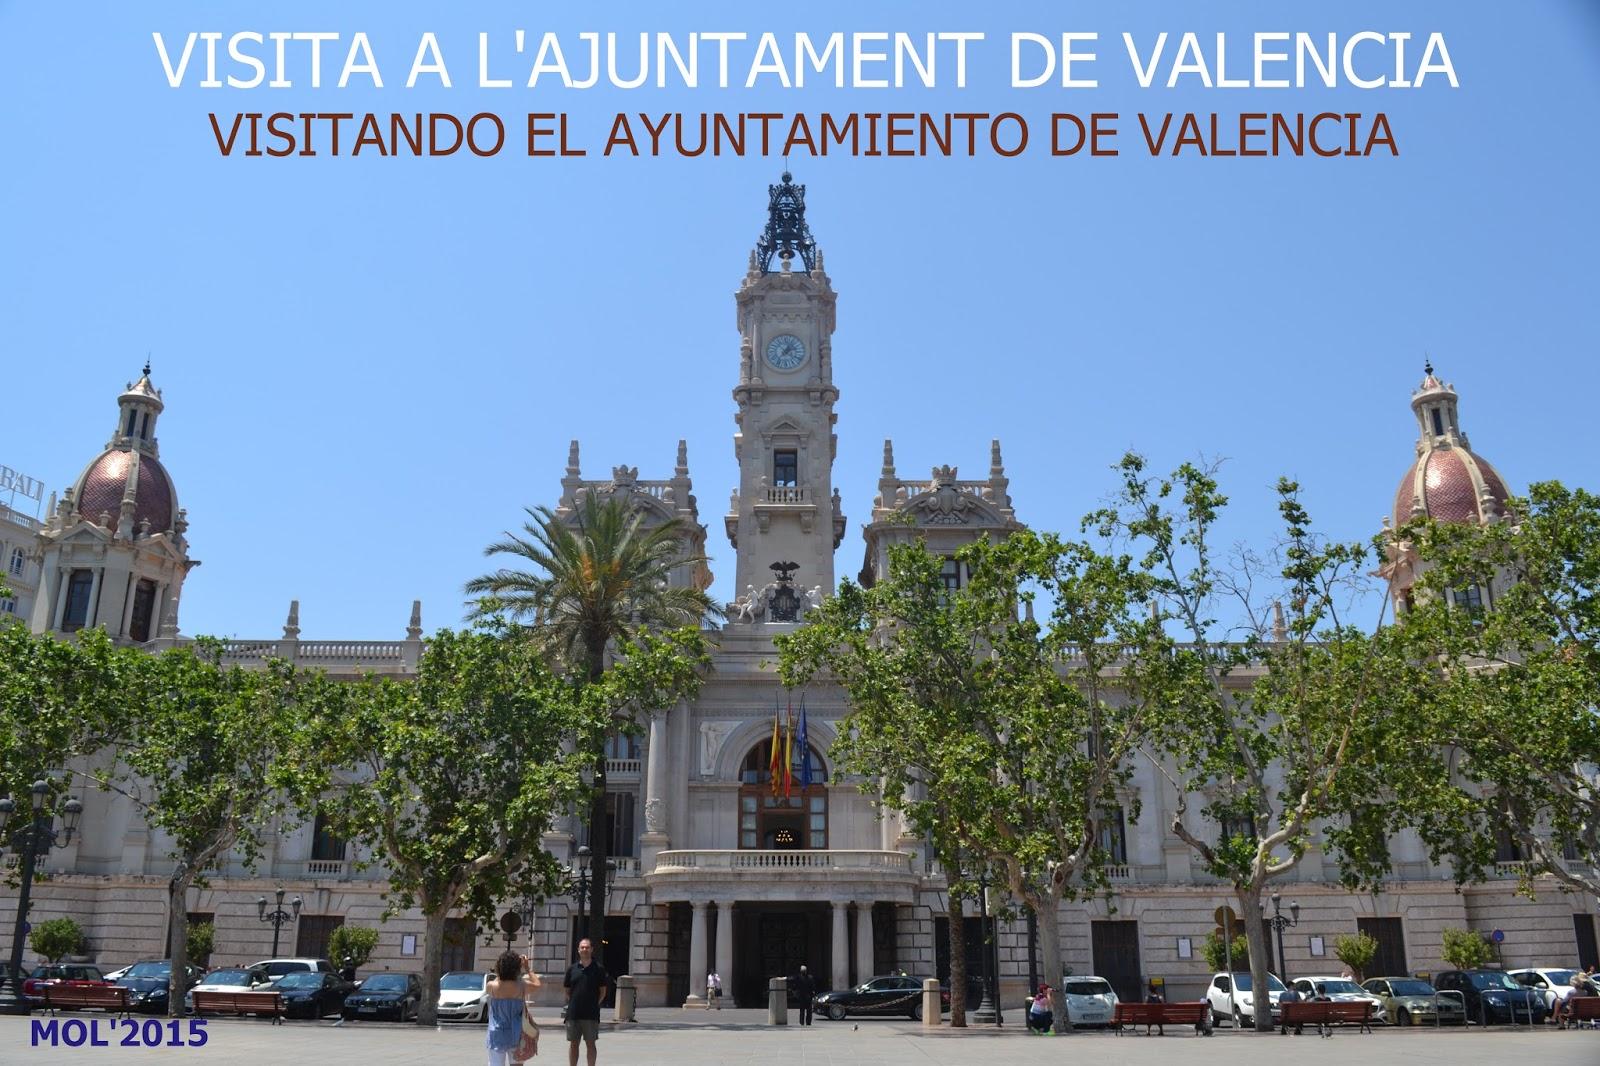 AJUNTAMENT DE VALENCIA, VISITA